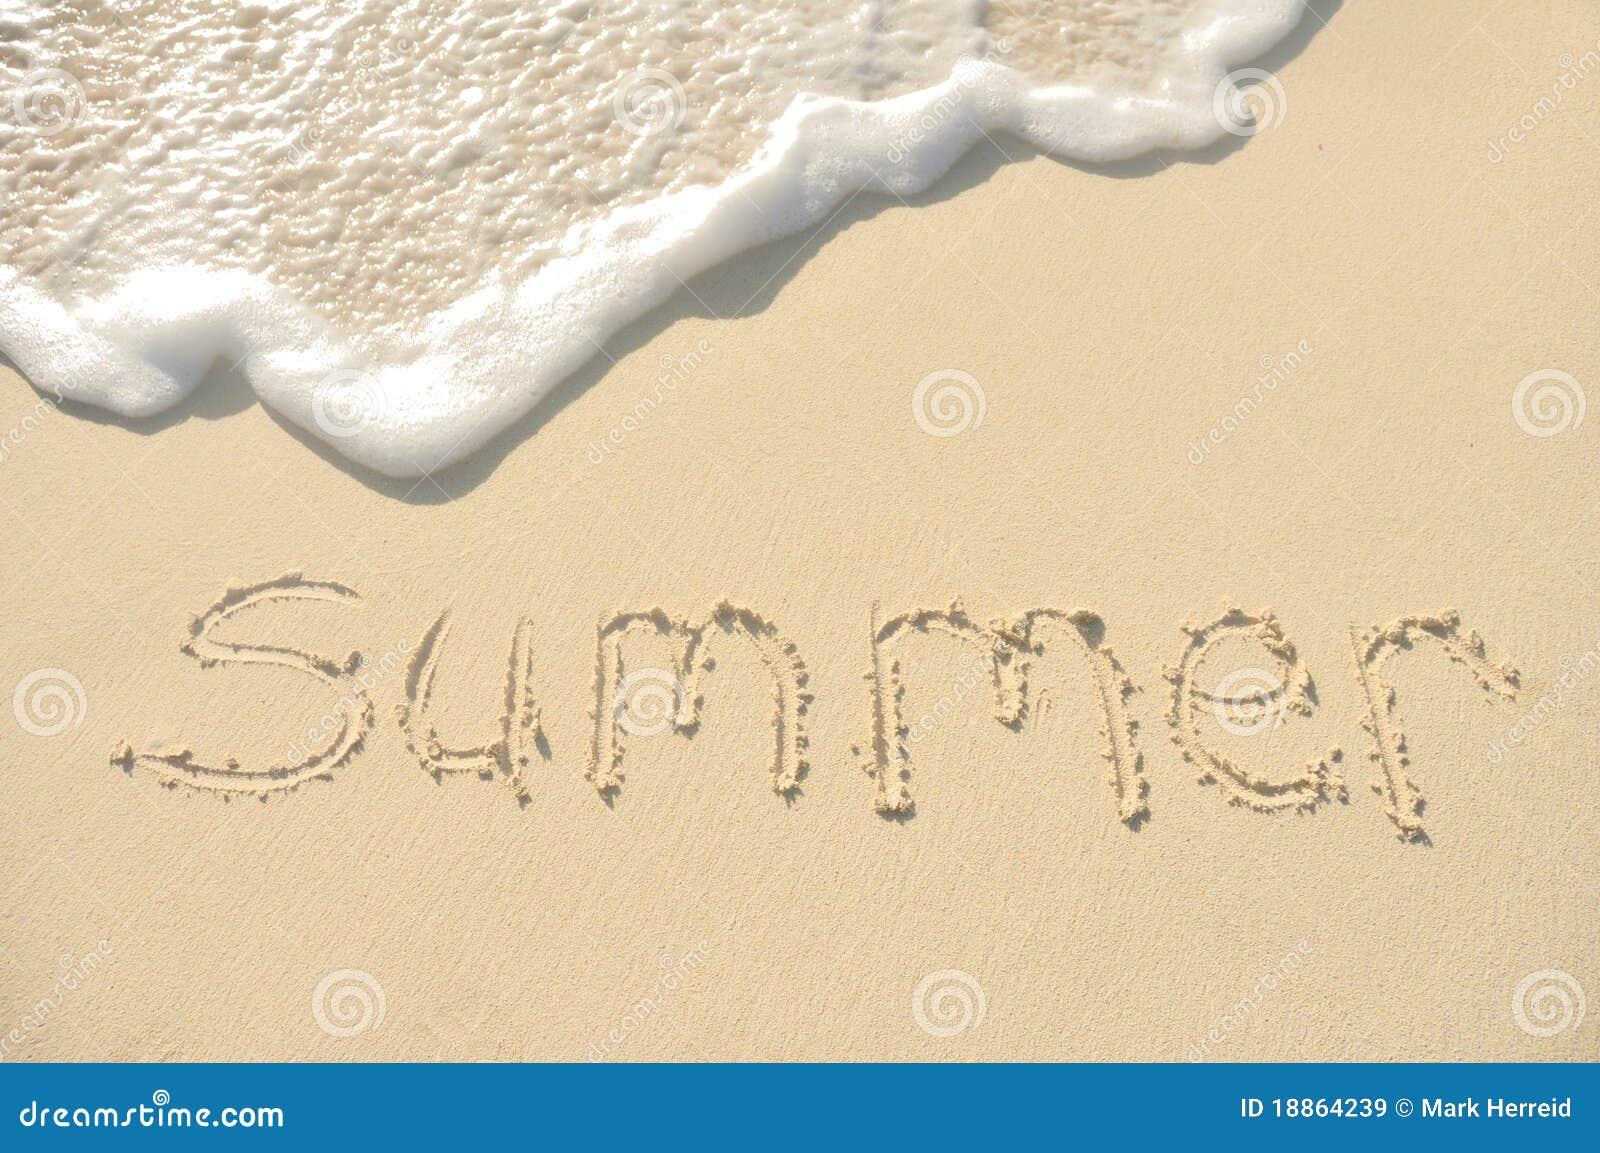 Verano escrito en arena en la playa